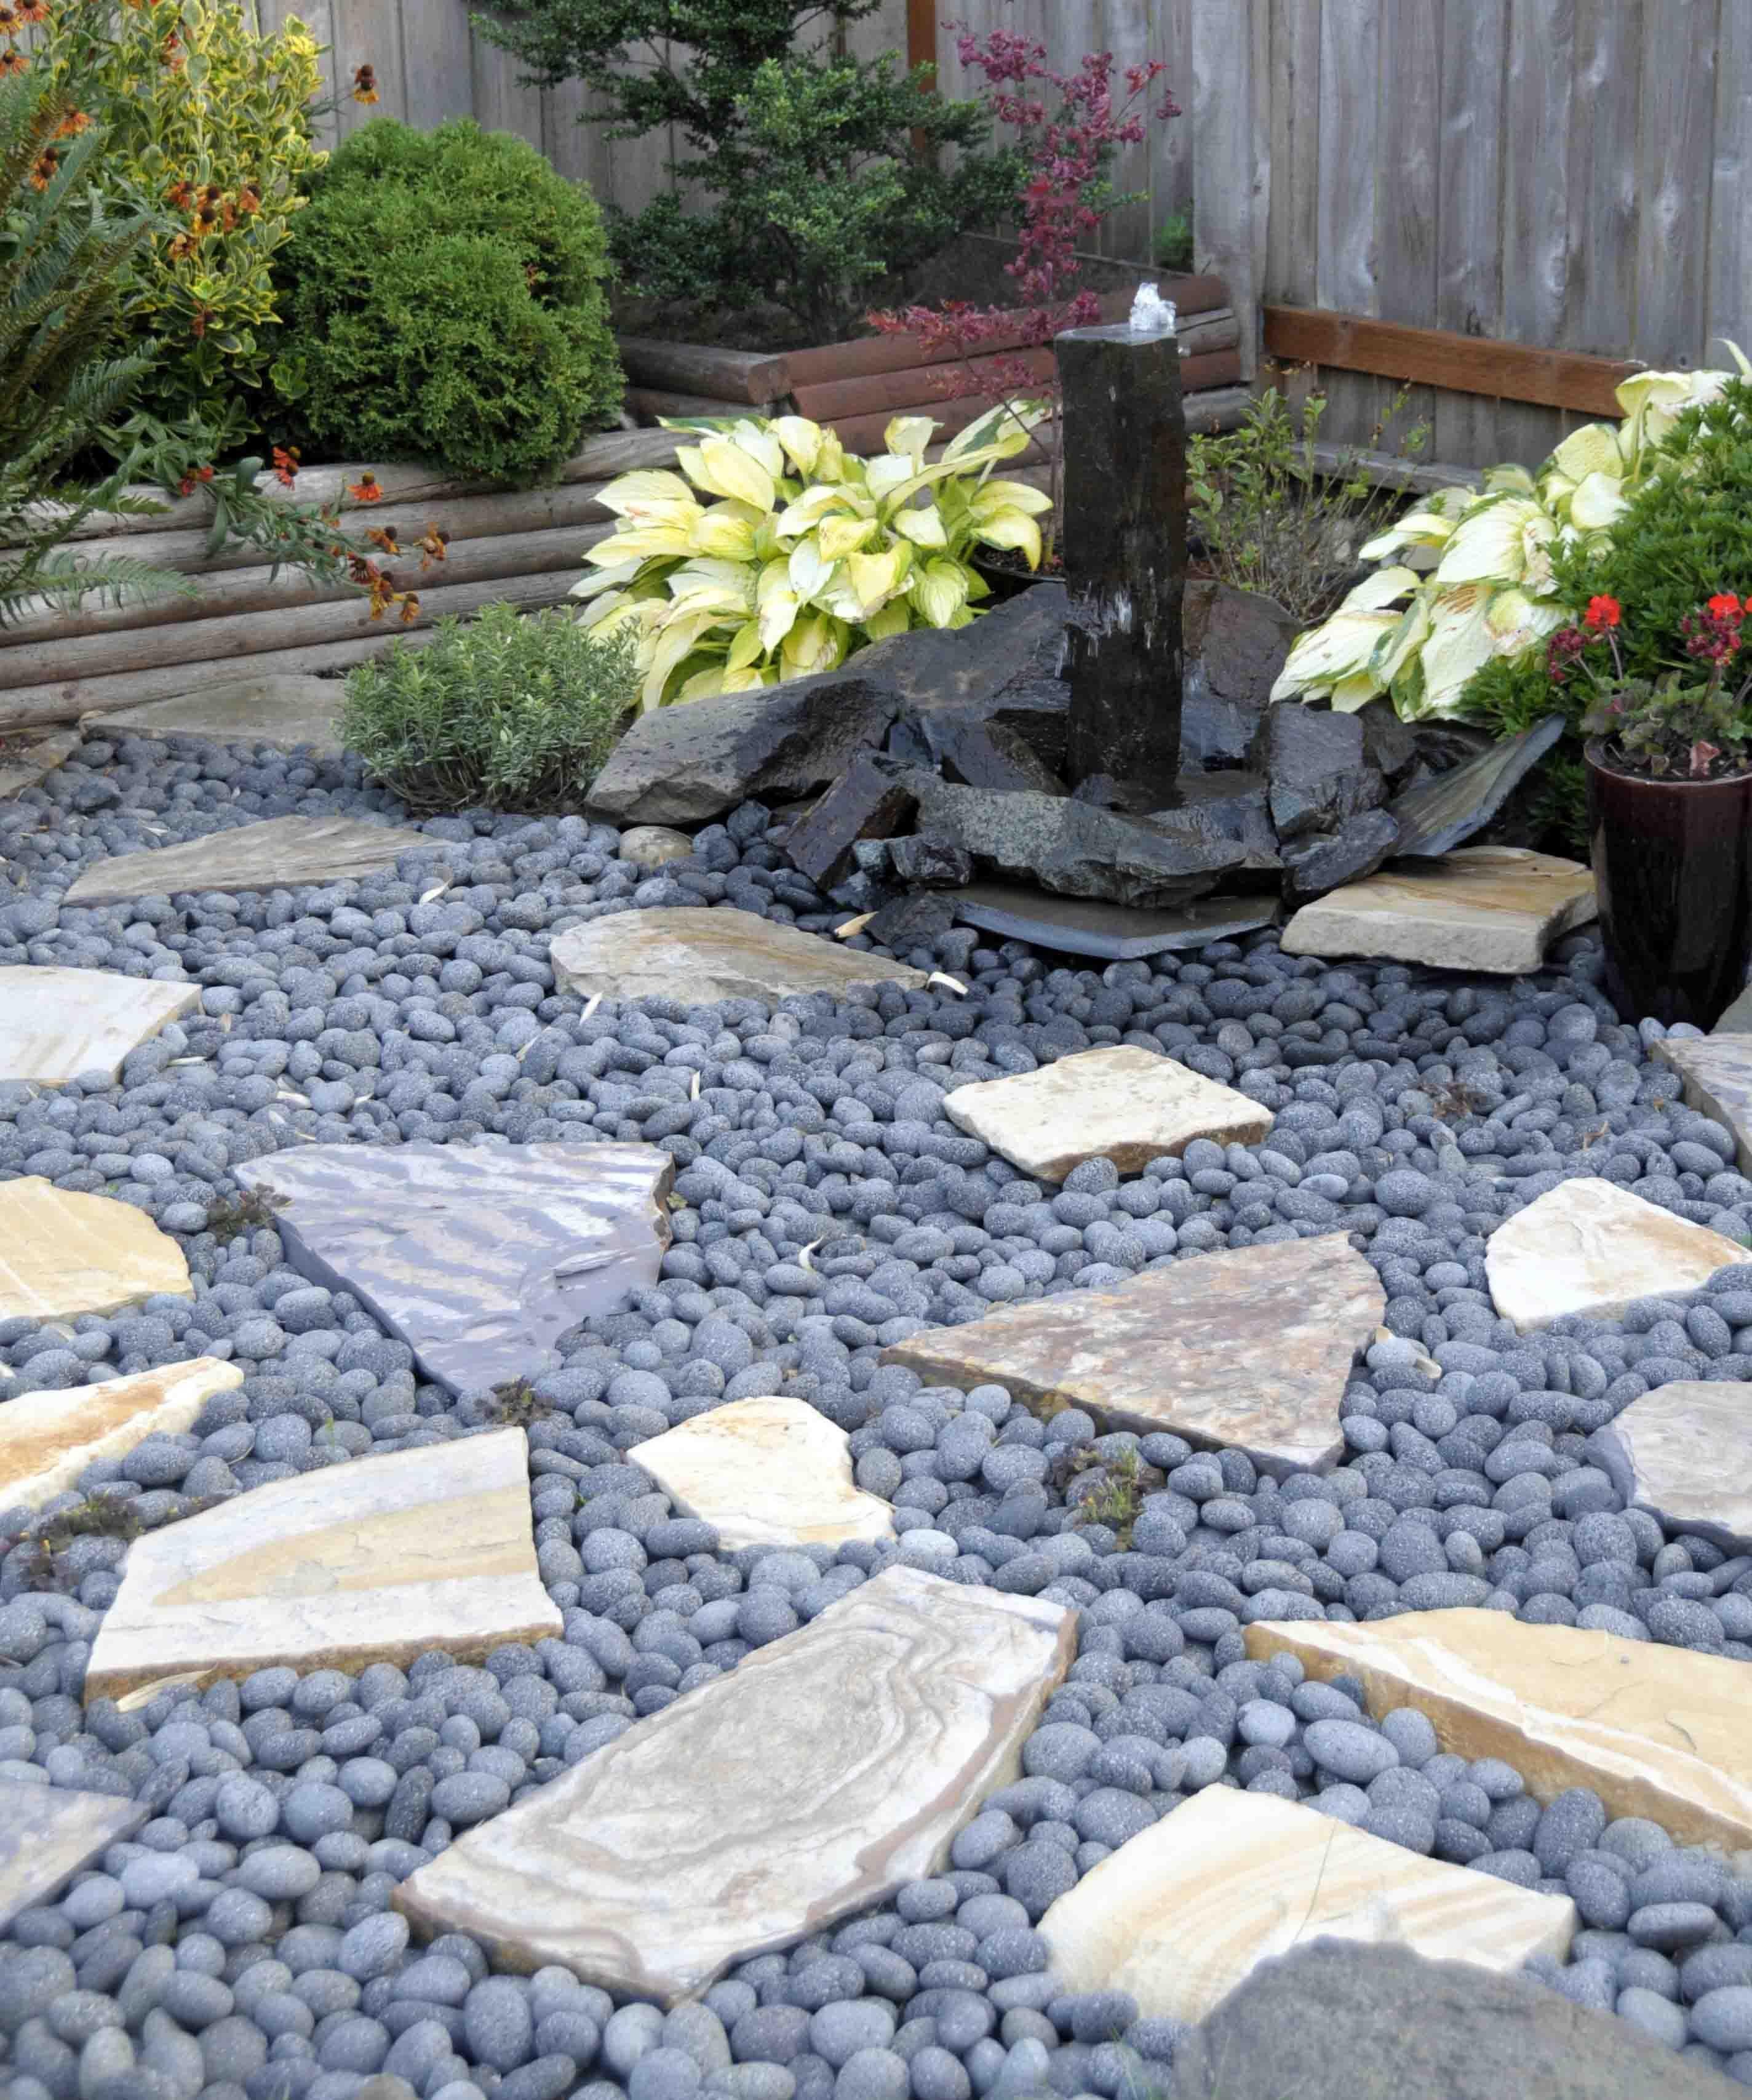 decorative_black_lava_pebble13286578054f31b58d51860-min